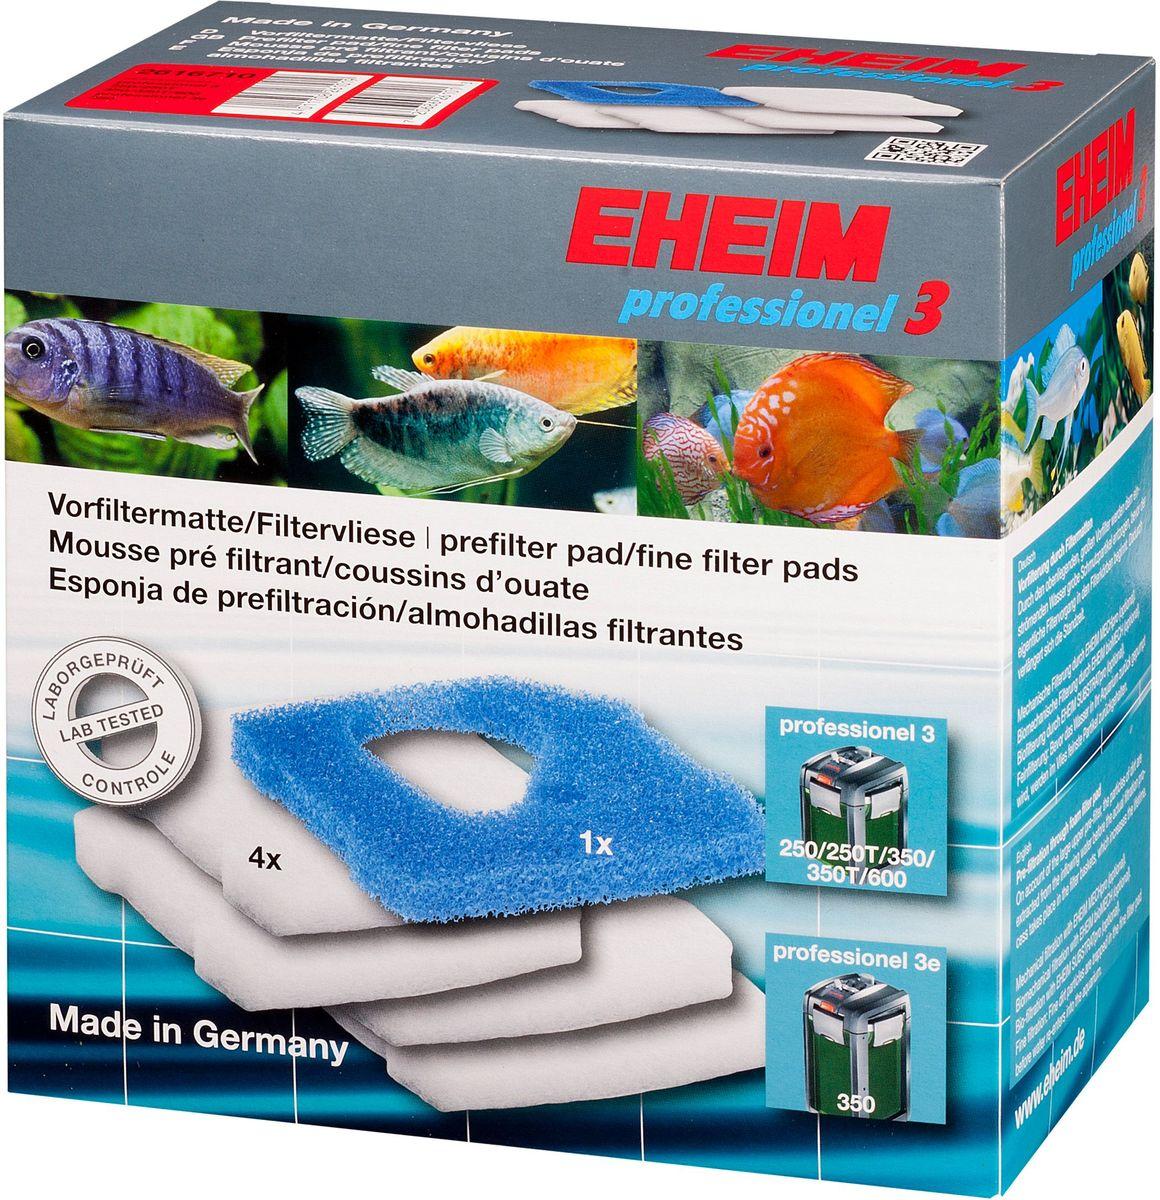 Наполнитель для фильтра Eheim Professionel 3 250/350/600, 5 шт2616710Набор фильтрующих губок для фильтра Eheim Professionel 3. В набор входят: 1 губка из поролона для префильтра и 4 синтепоновые губки тонкой очистки.